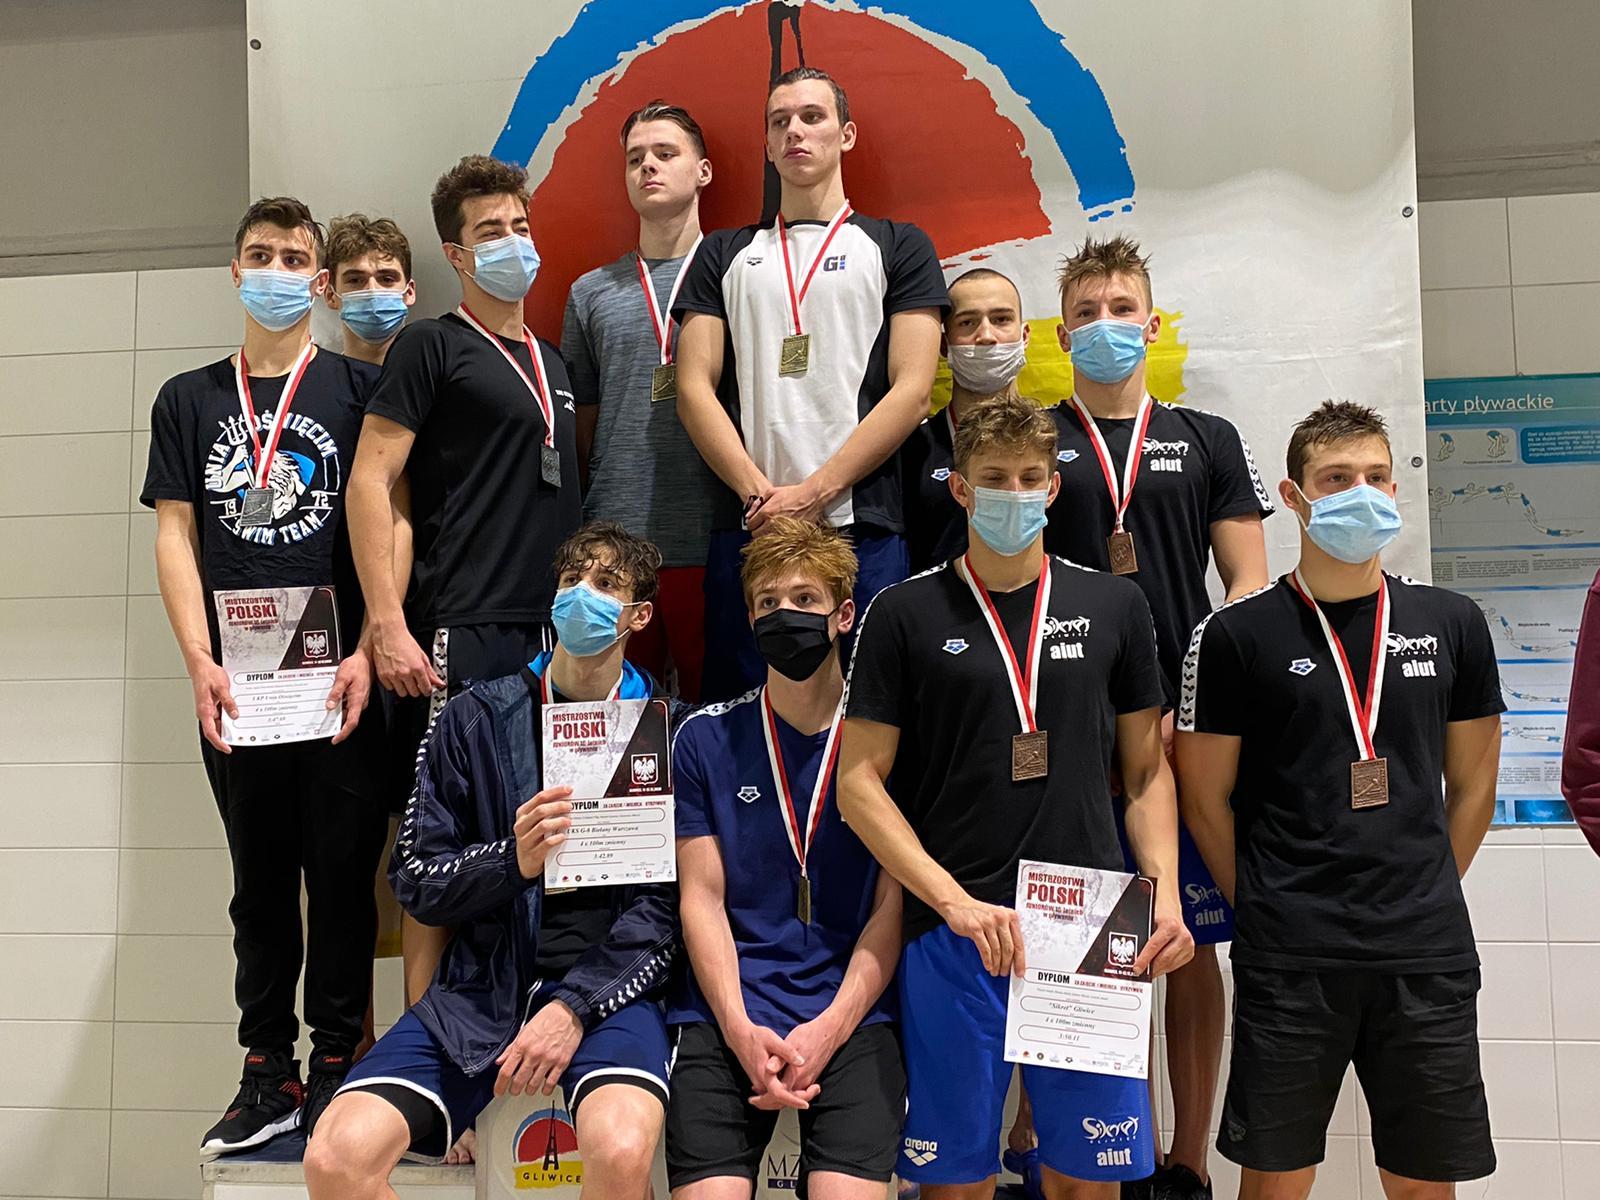 Na 3 miejscu podium stoją brązowi medaliści z Klubu Pływackiego Sikret Gliwice na 4x100m stylem zmiennym w składzie: